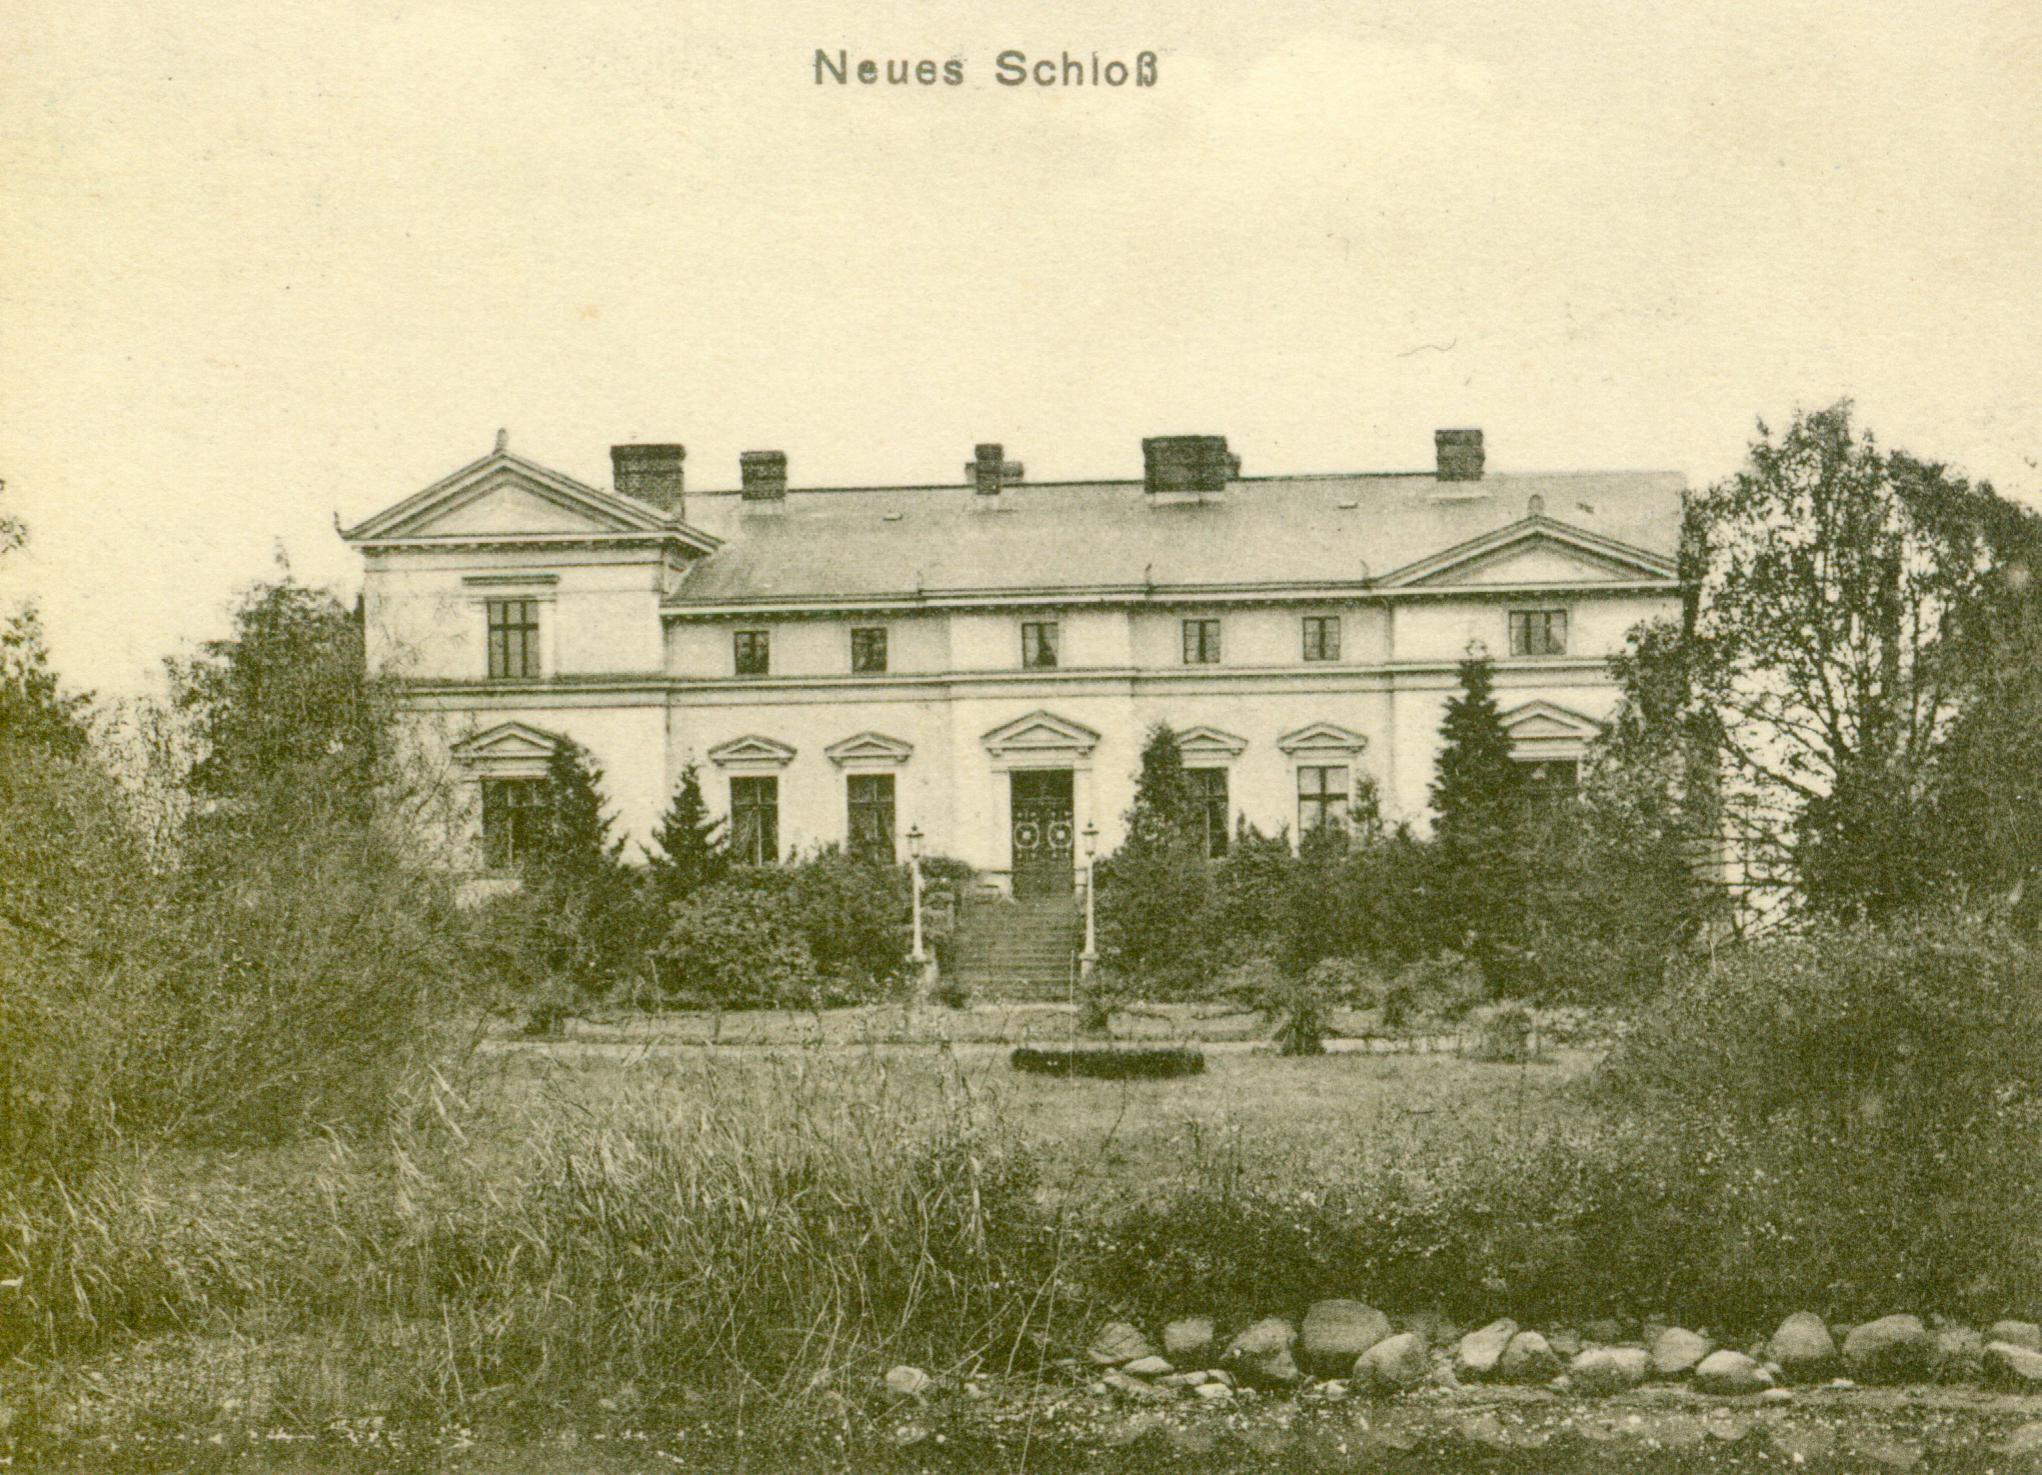 Brałęcin-pałac z widokiem na ogród